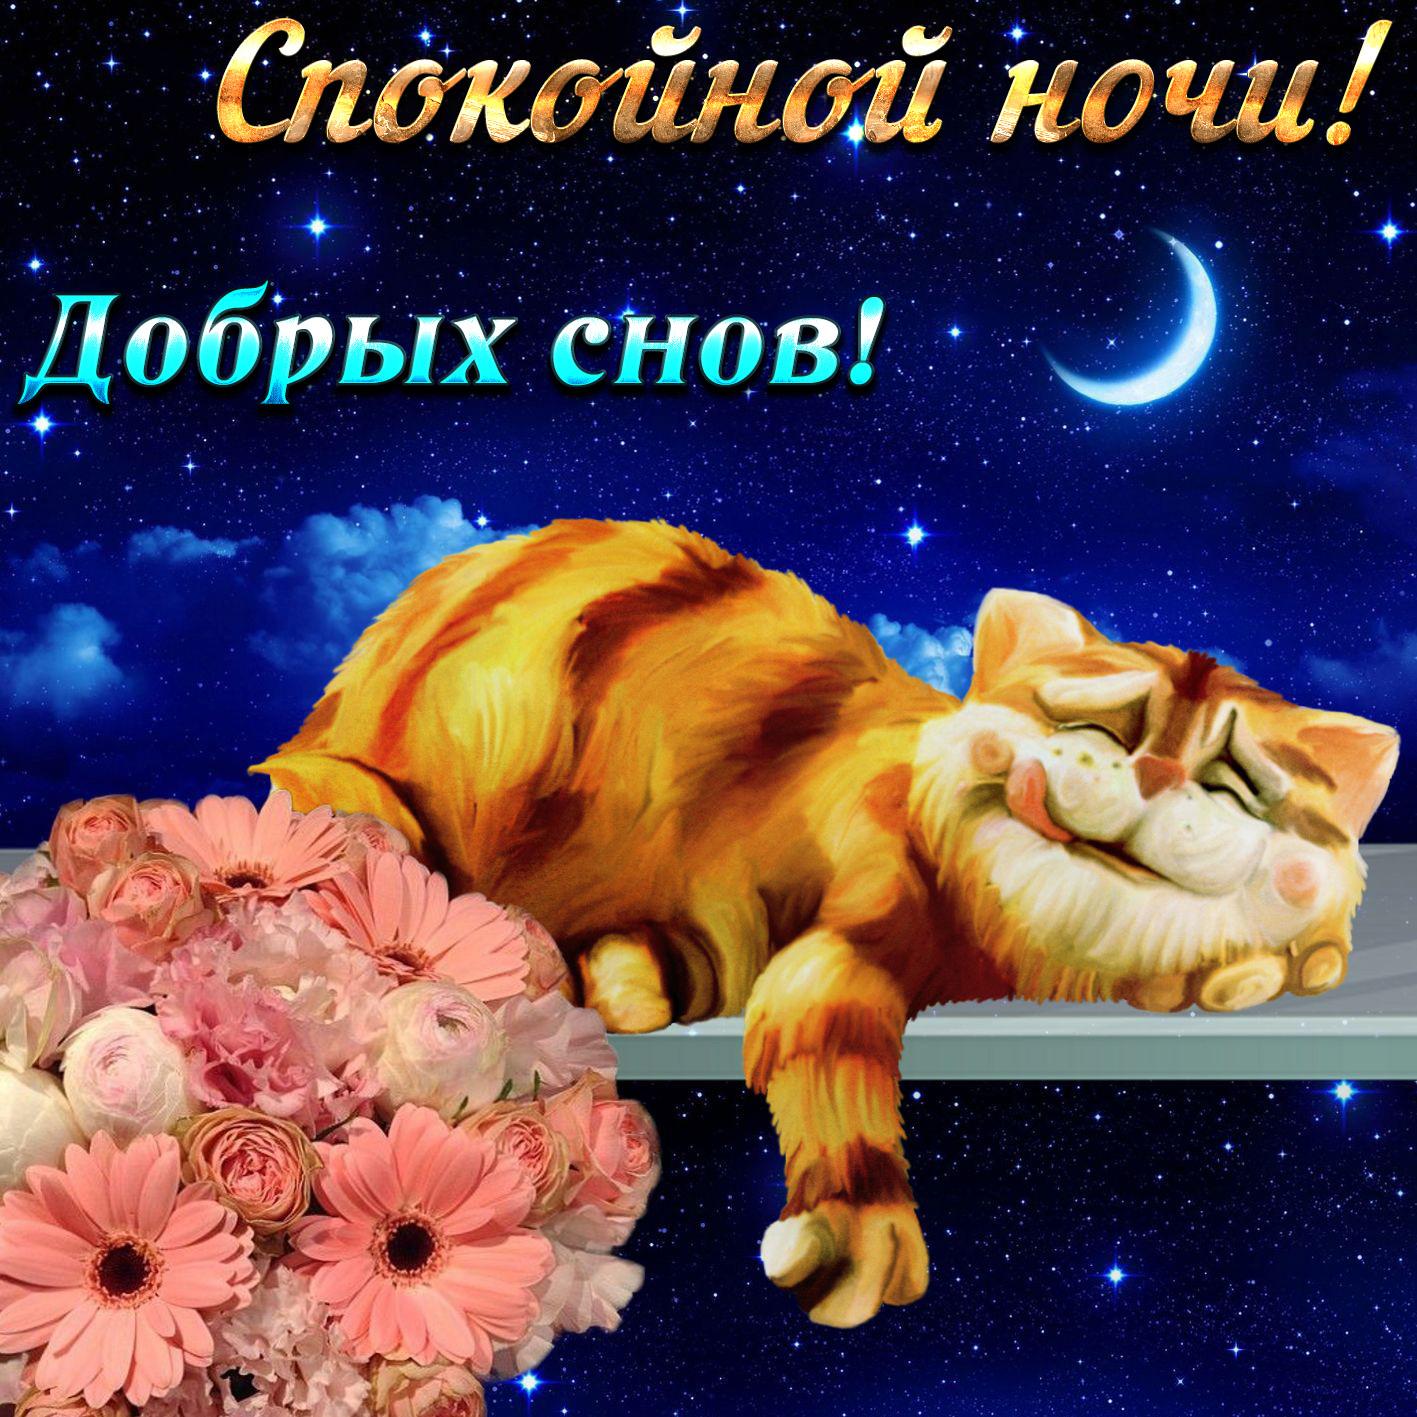 Открытка - прикольный кот желает добрых снов